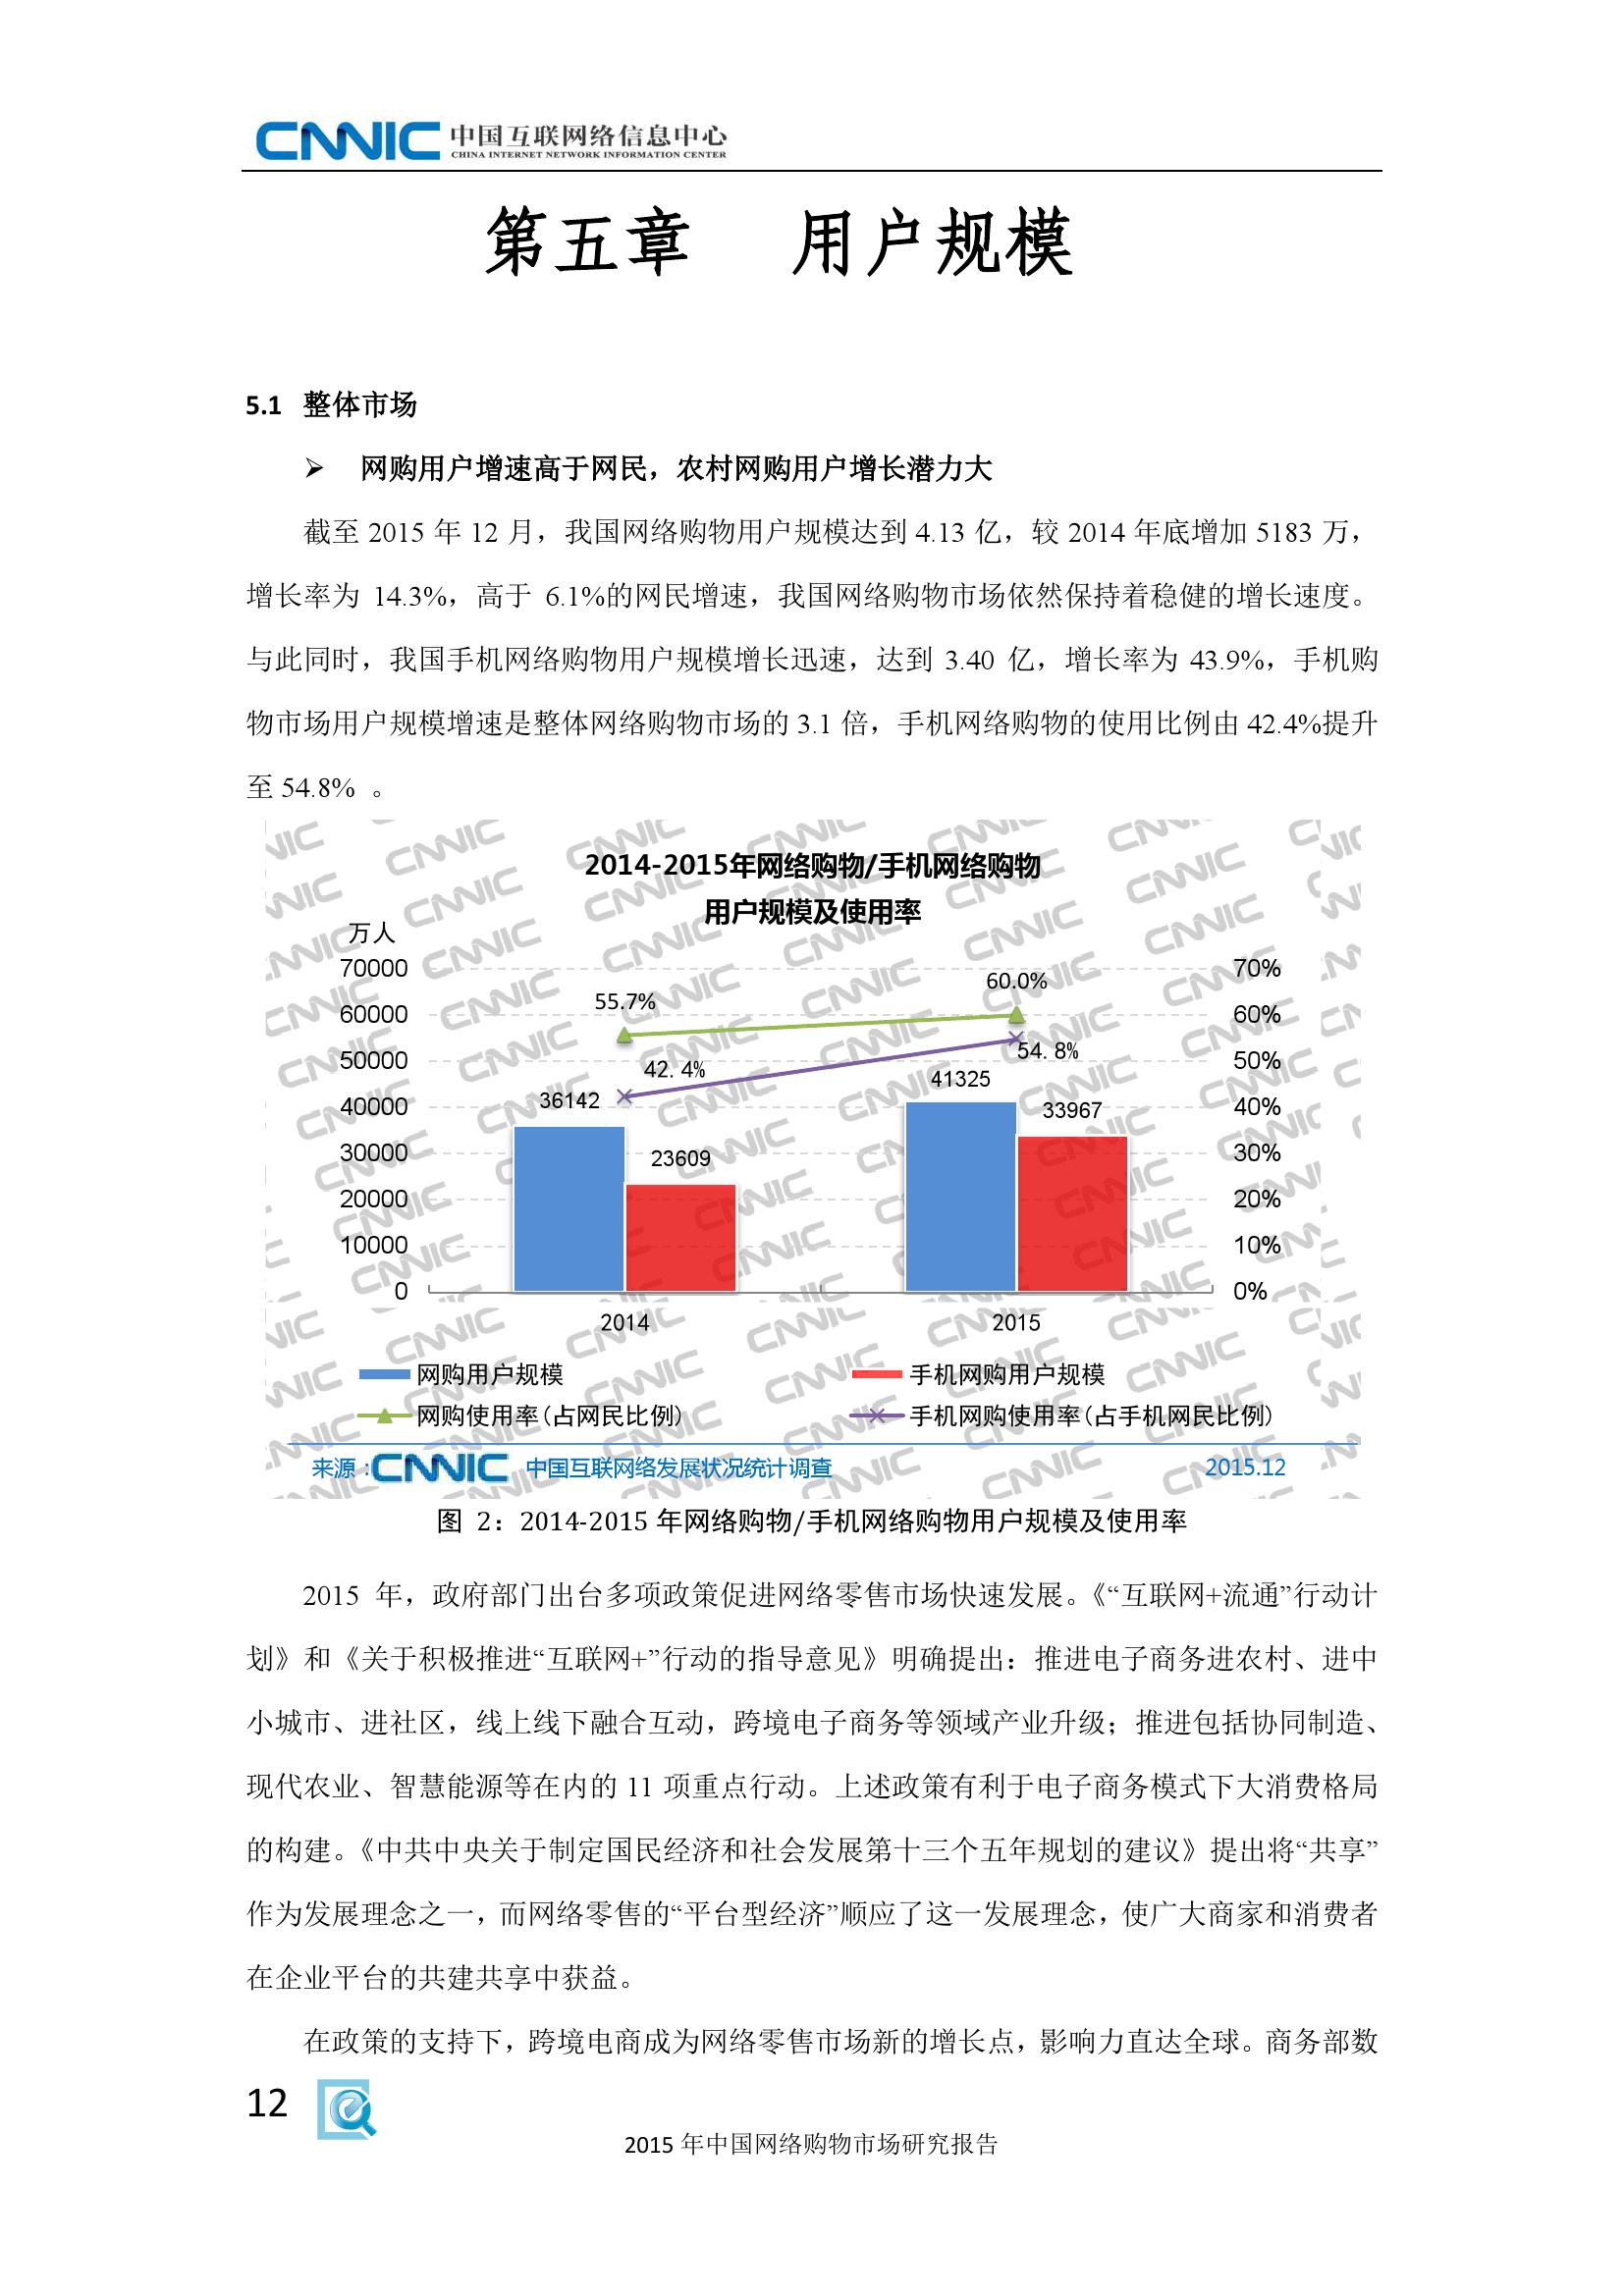 2015年中国网络购物市场研究报告_000020